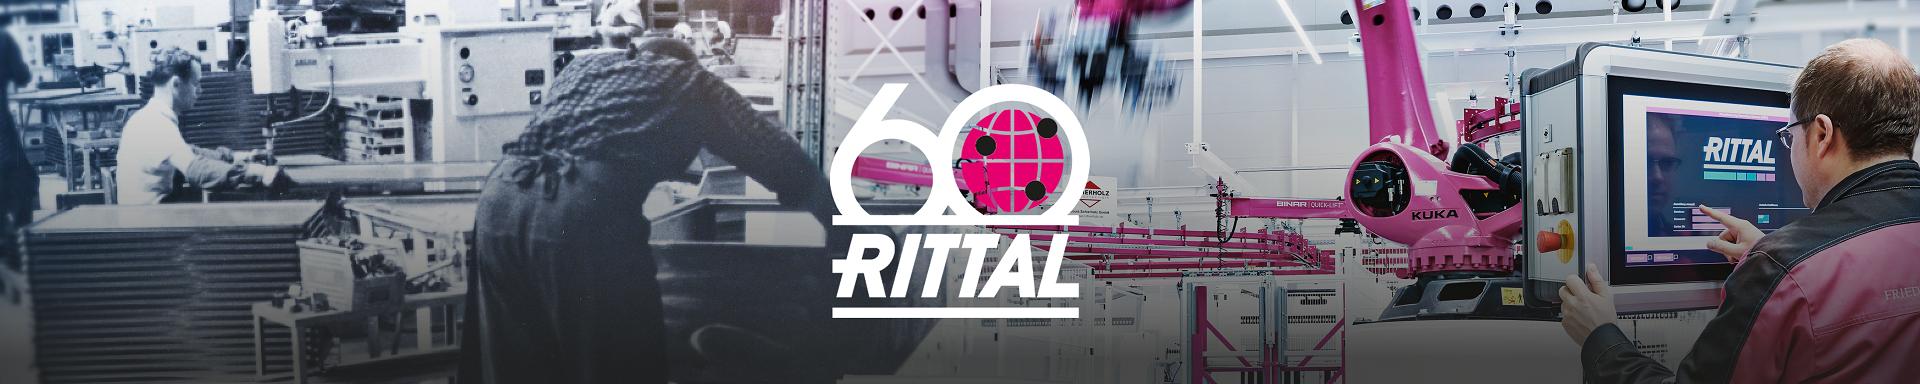 Rittal_60_aniversario